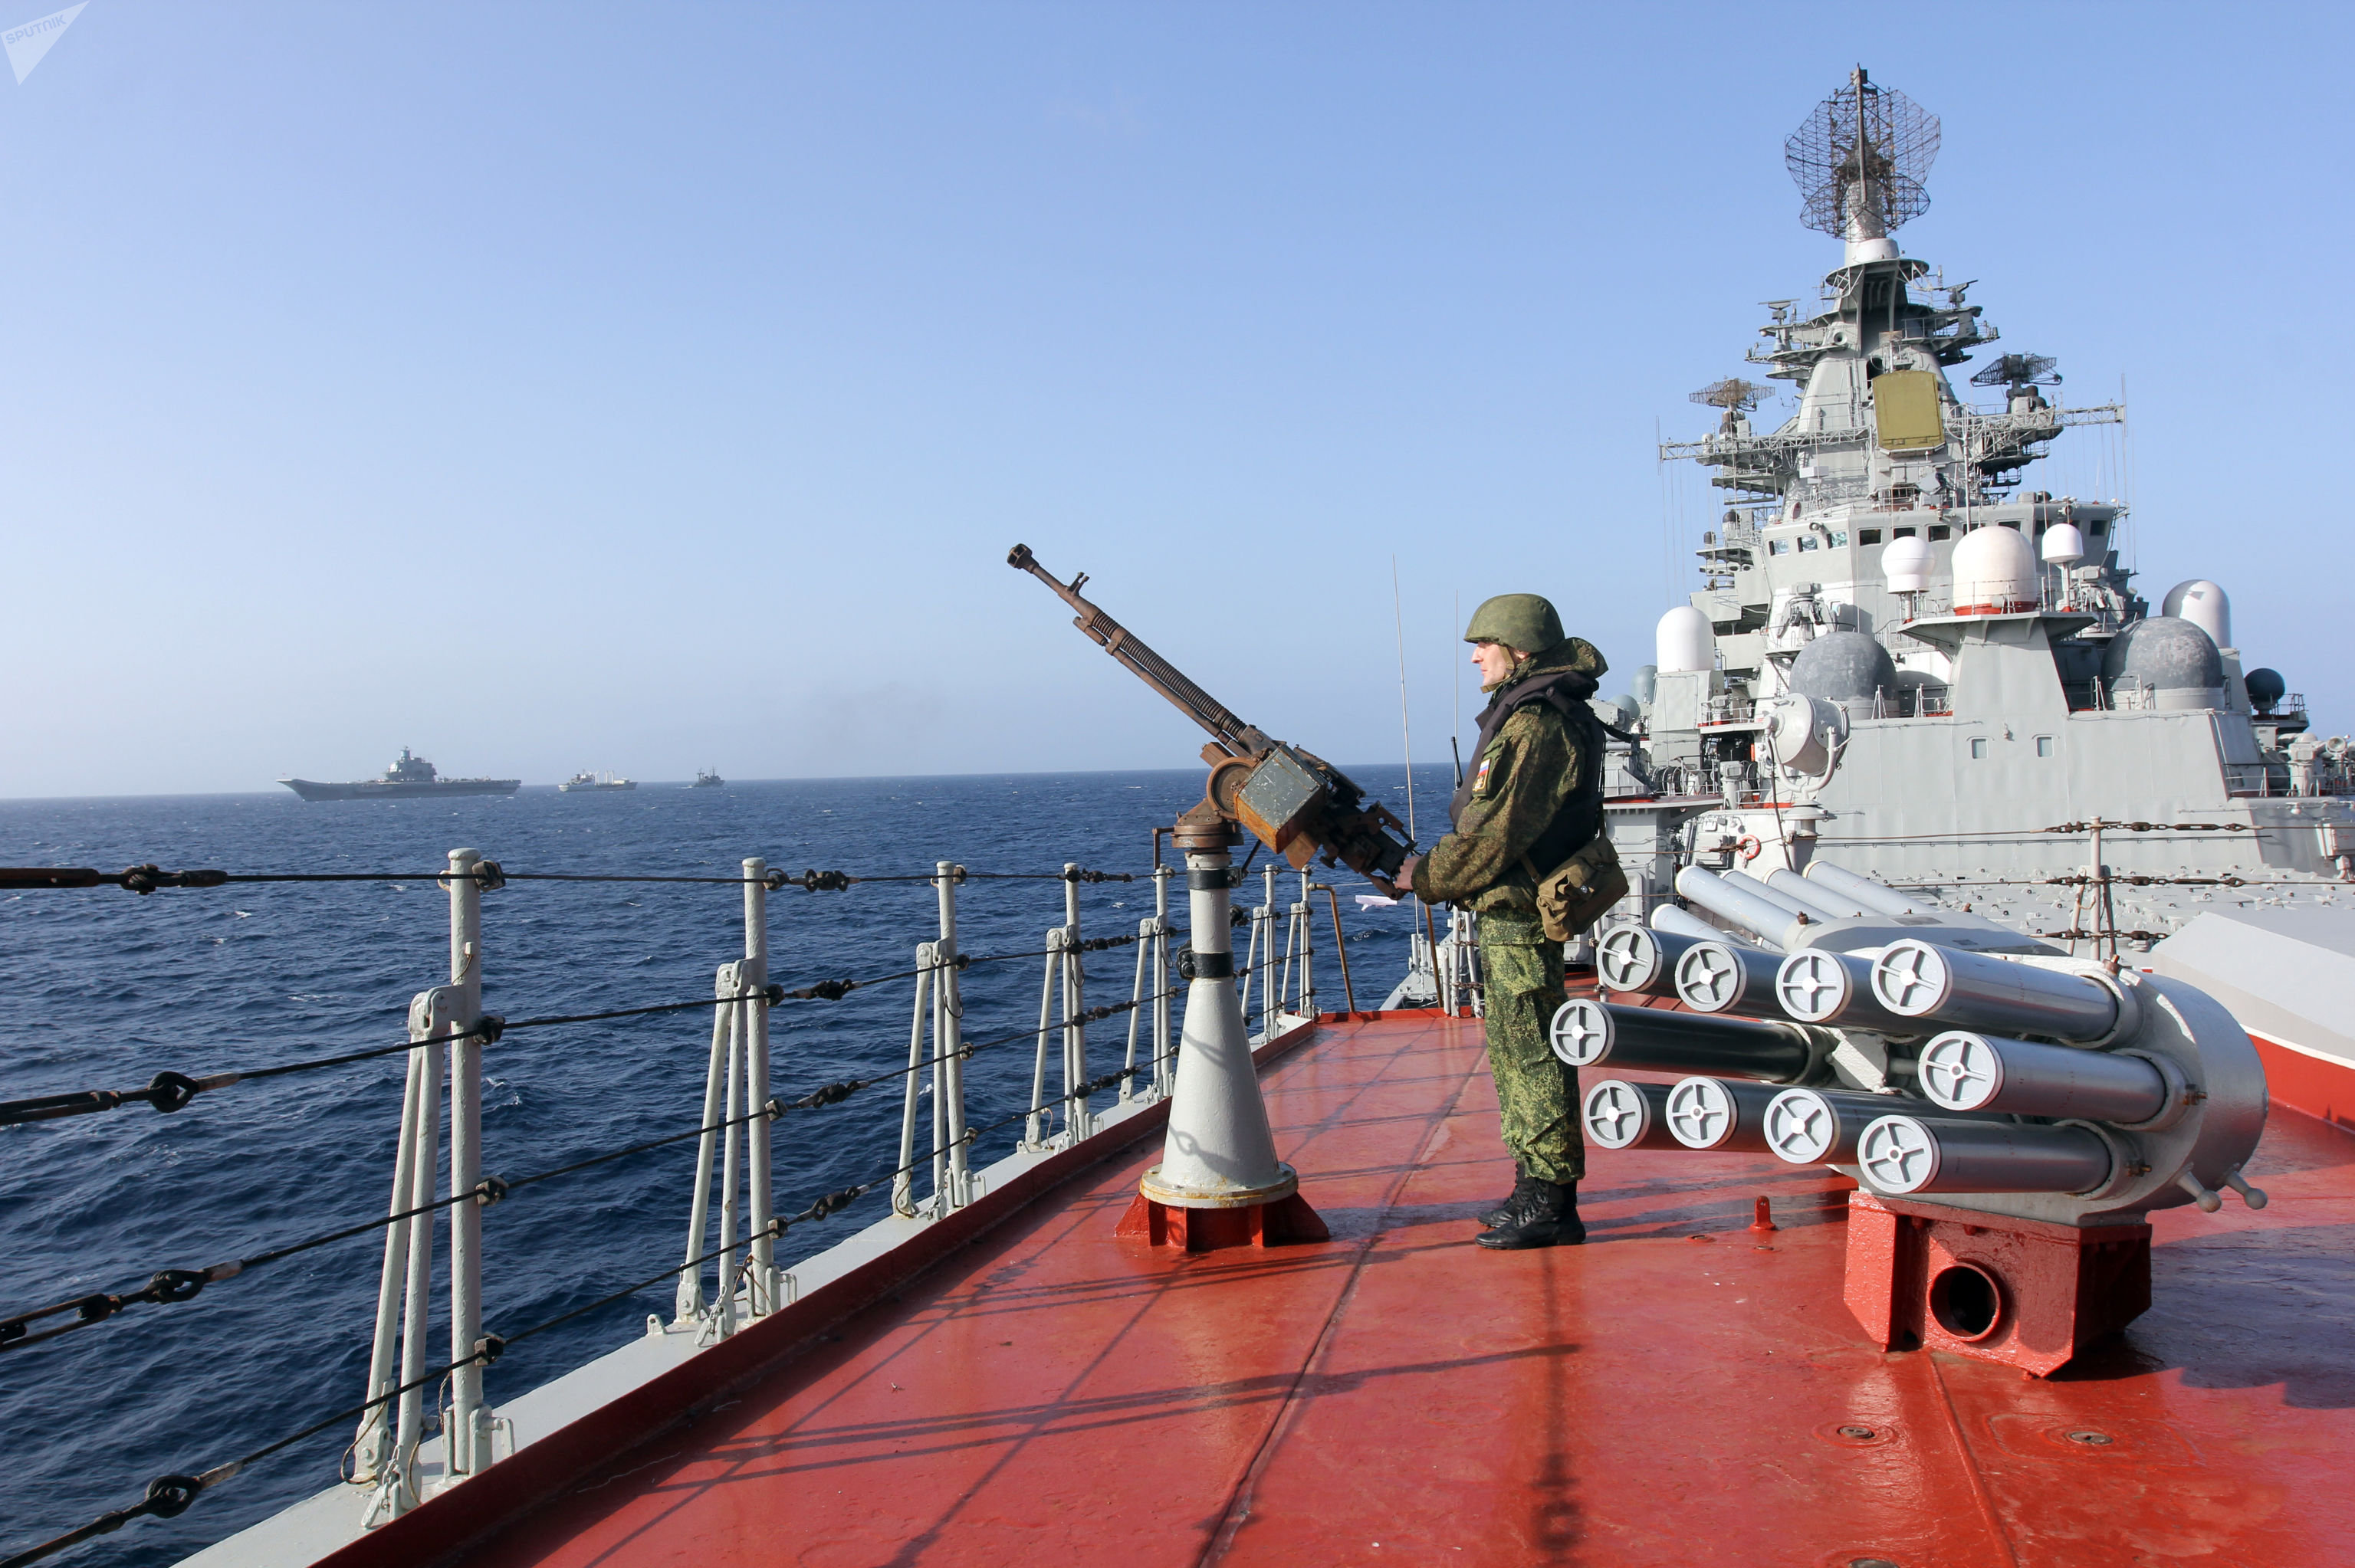 Un militaire sur le pont du croiseur nucléairelance-missiles Pierre le Grand dans l'océan Atlantique